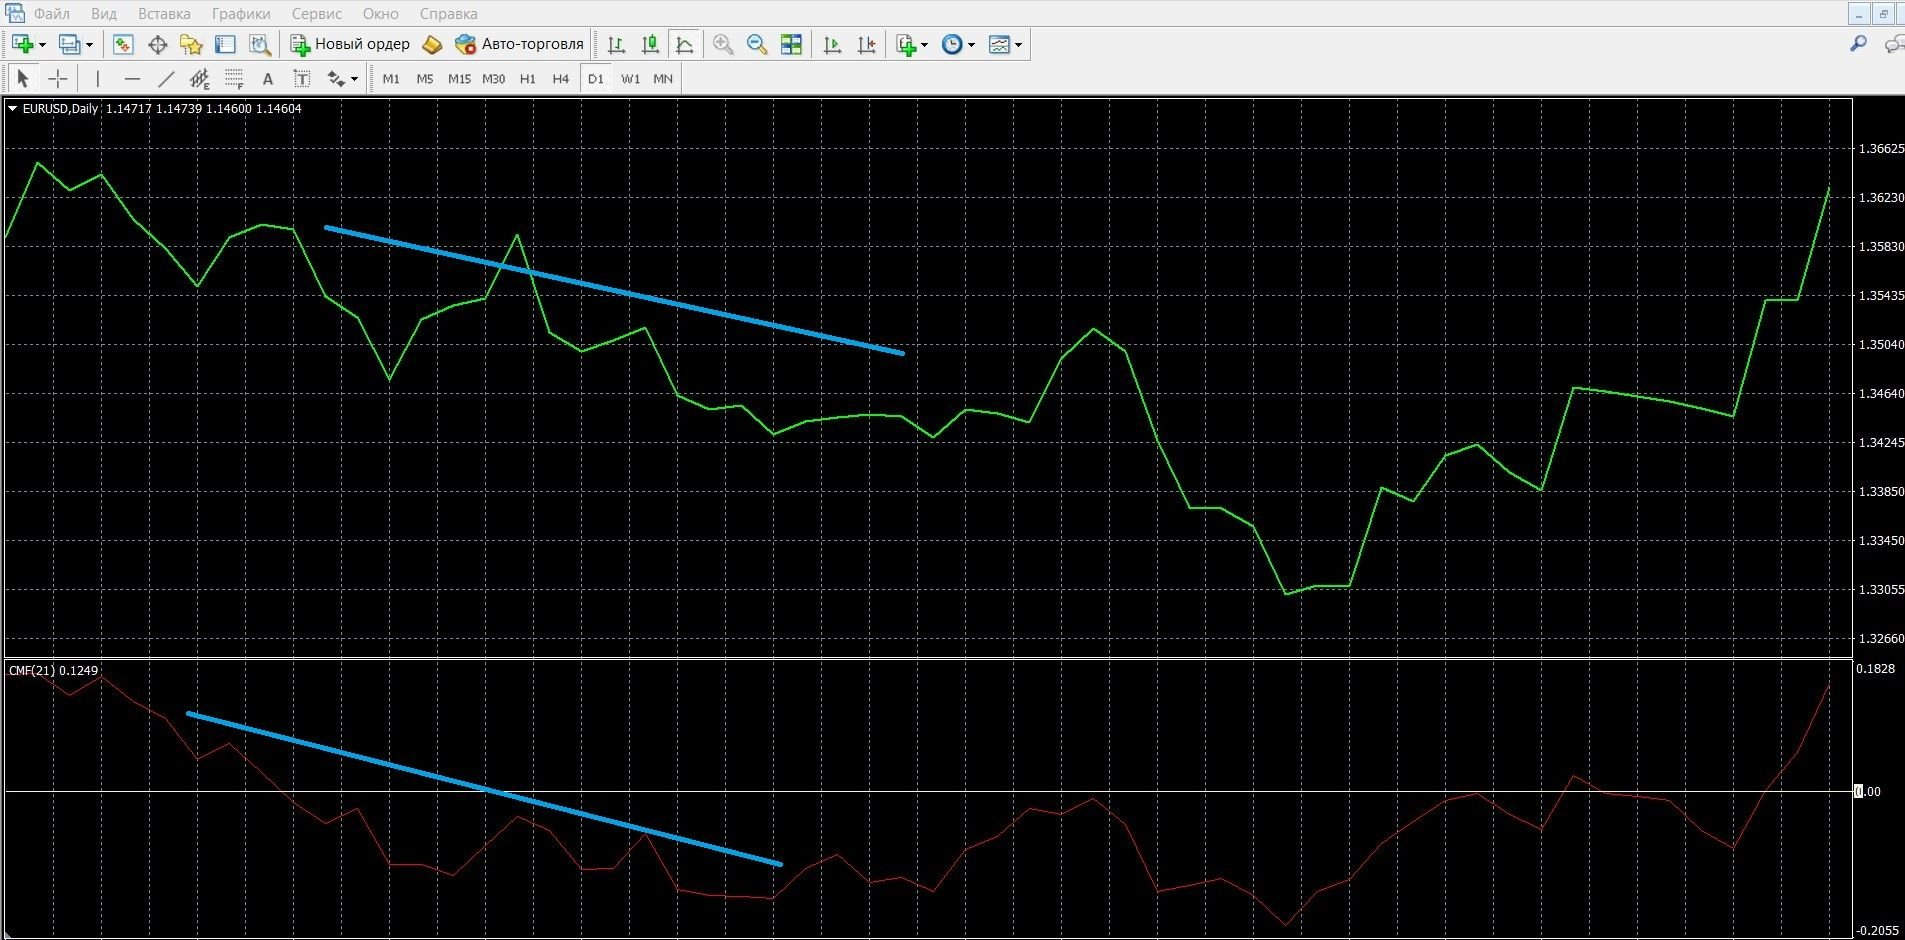 Если цена движется к минимумам, это говорит о нисходящем тренде CMF